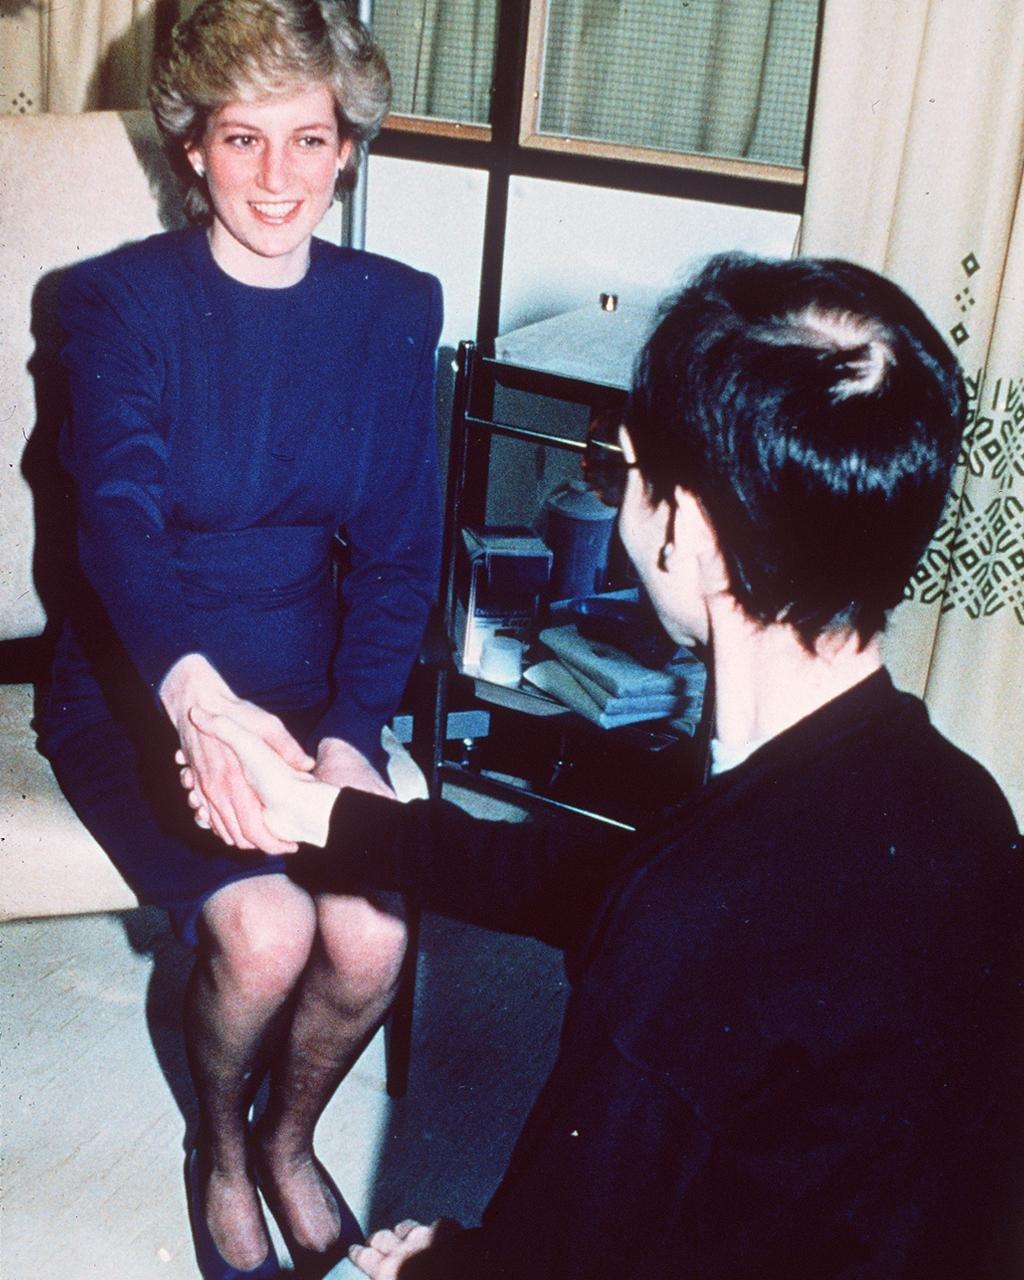 Kada je pokojna princeza od Velsa uhvatila za ruku pacijenta sa HIV-om u bolnici, pomoglo je da se otkloni neka stigma oko bolesti